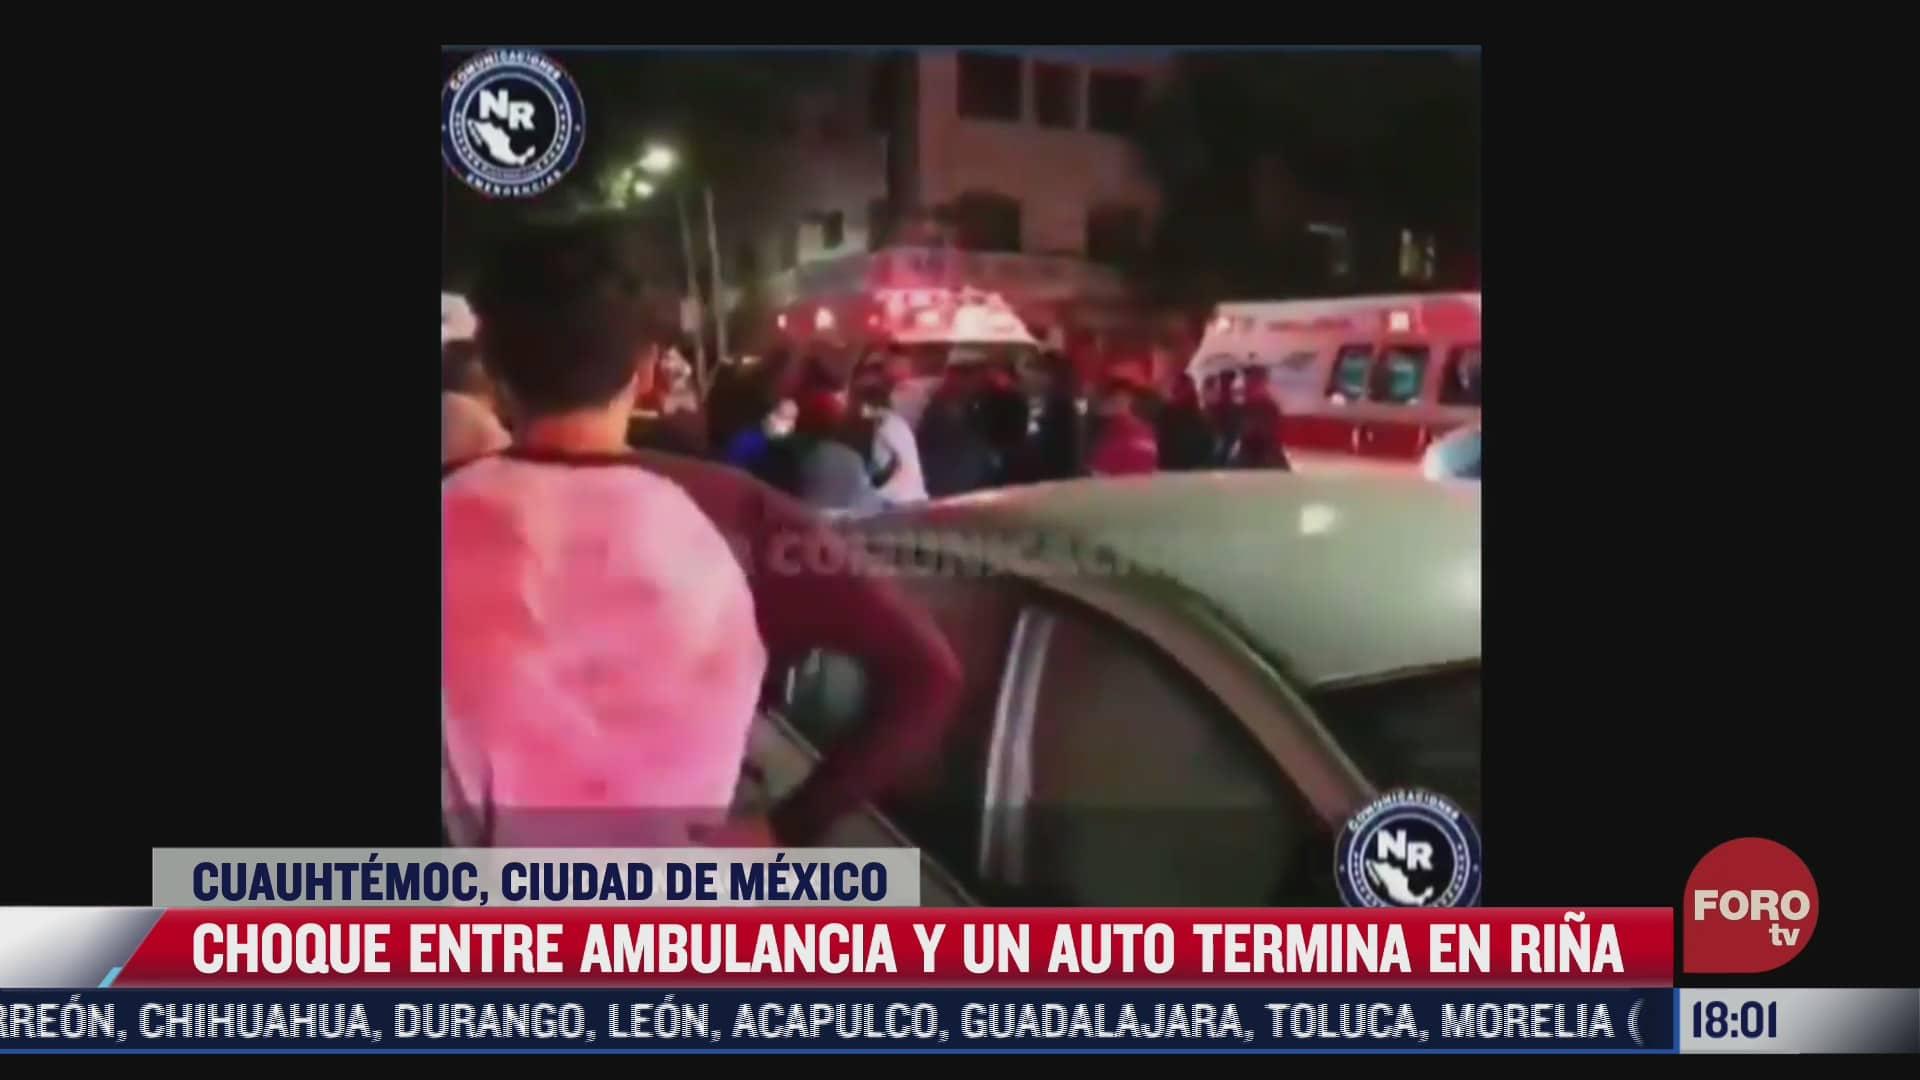 choque entre ambulancia y auto termina en rina en cdmx